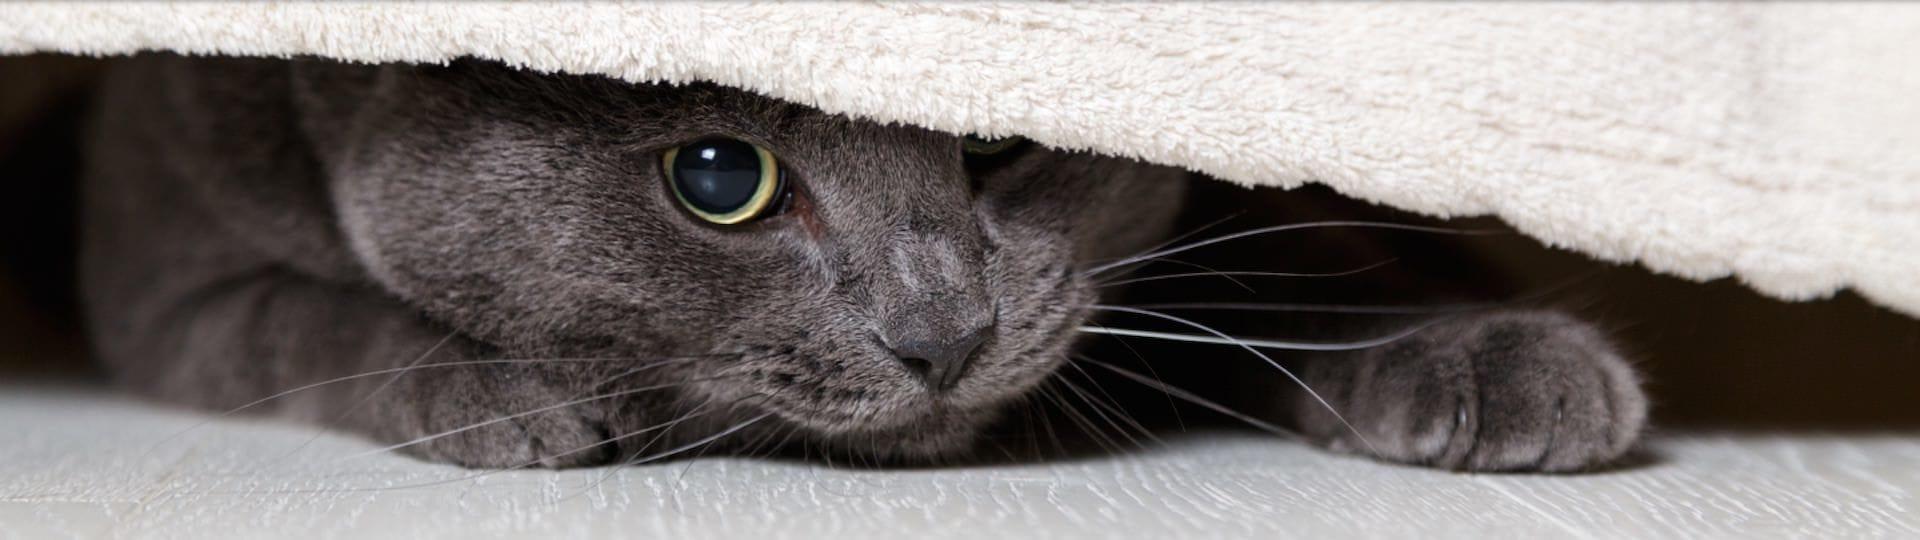 meine katze versteckt sich erfahren sie mehr ber die m glichen gr nde. Black Bedroom Furniture Sets. Home Design Ideas